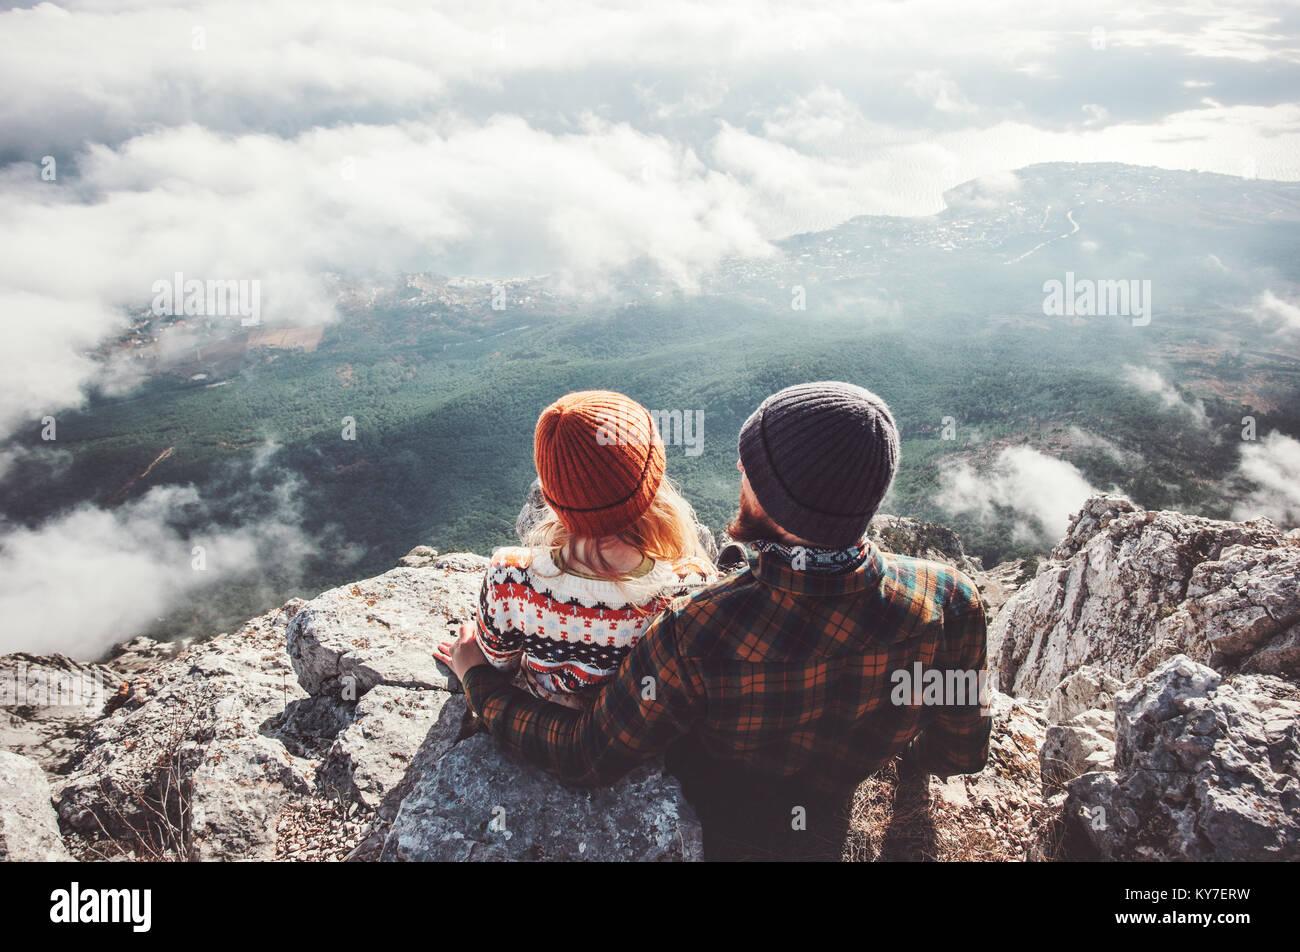 Paar Mann und Frau sitzen umarmen auf Klippe genießen Berge und Wolken Landschaft Liebe und Reisen gerne Emotionen Stockbild